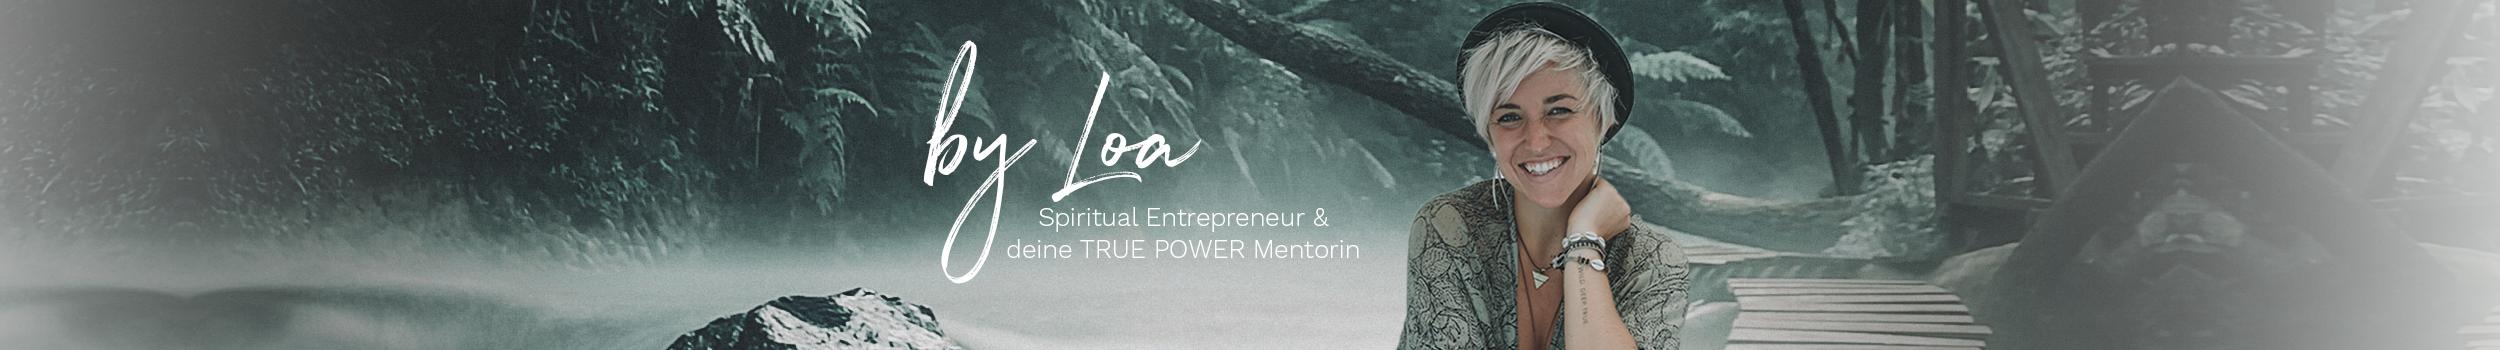 LOA - Spiritual Entrepreneur